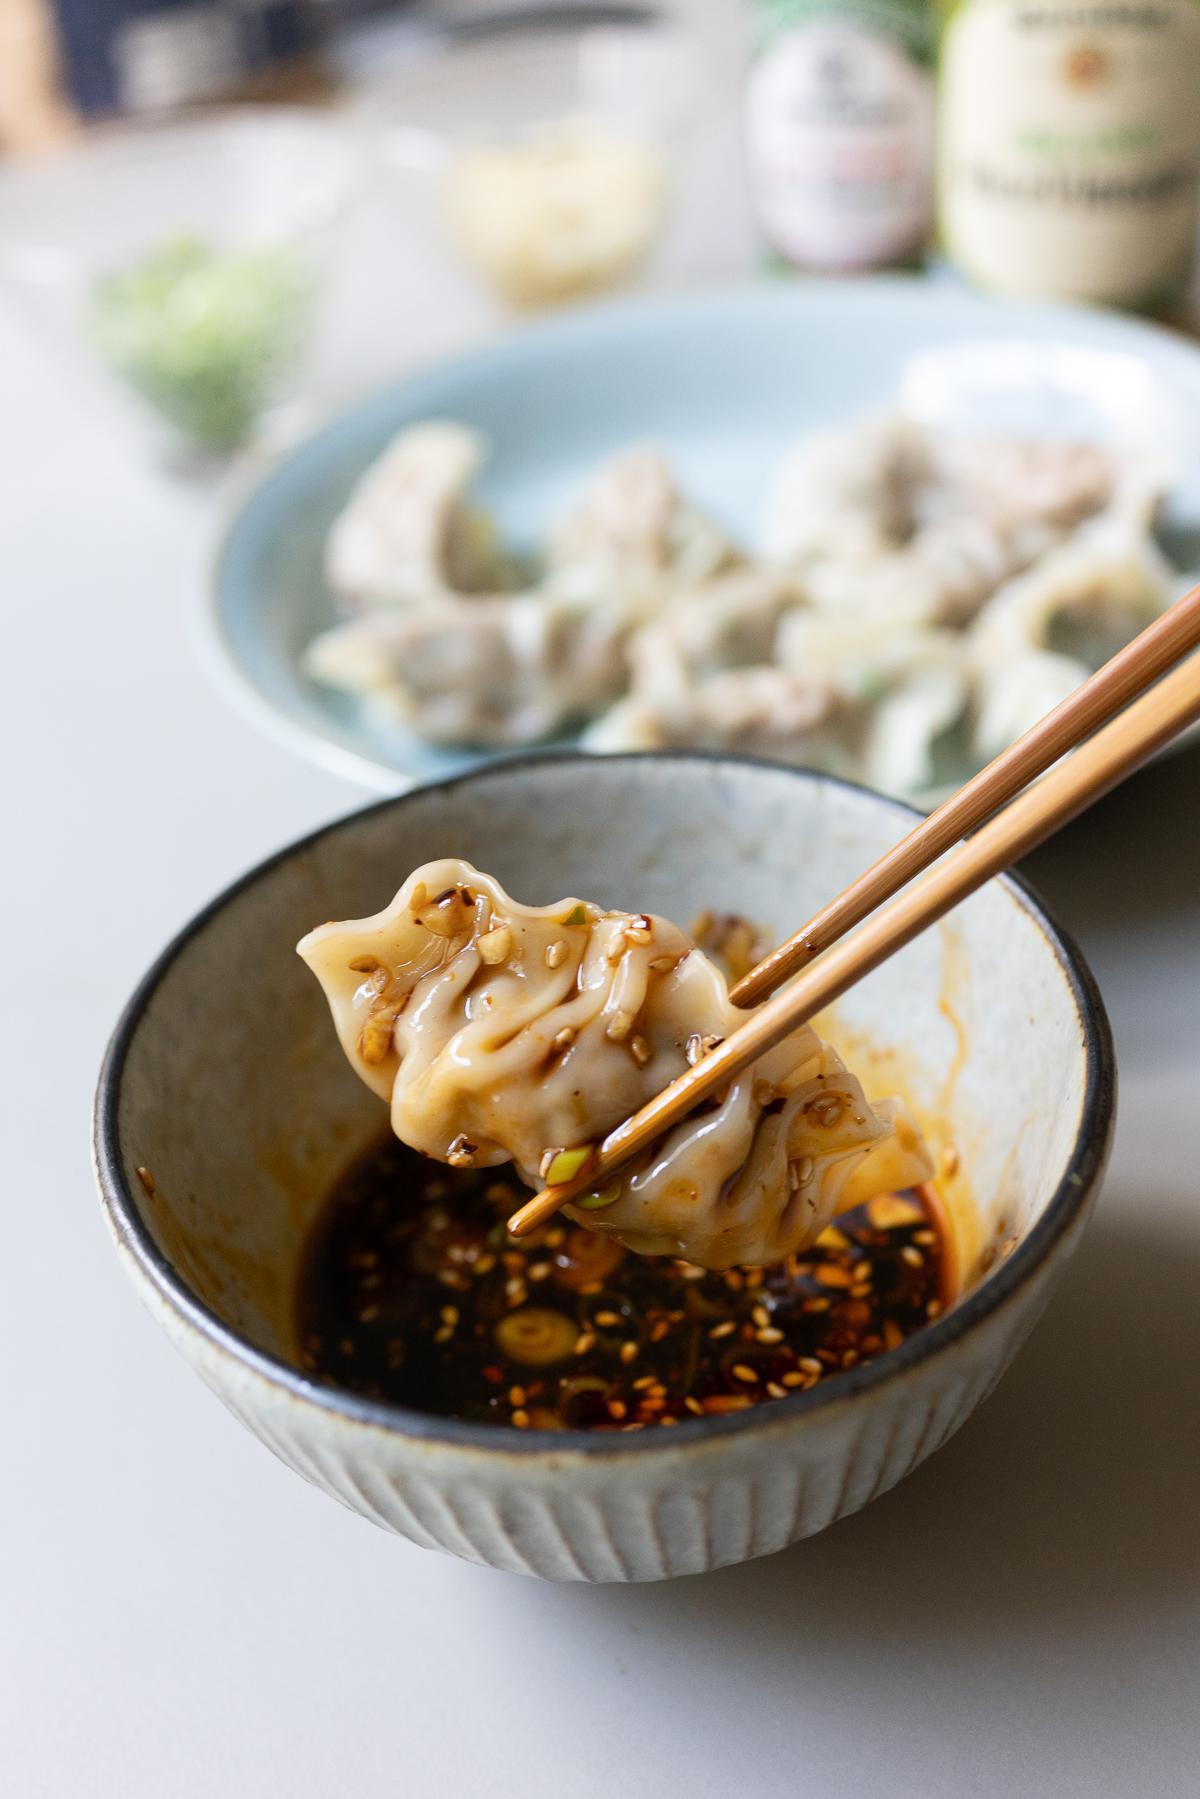 Dipping a dumpling in the Dumpling Dipping Sauce